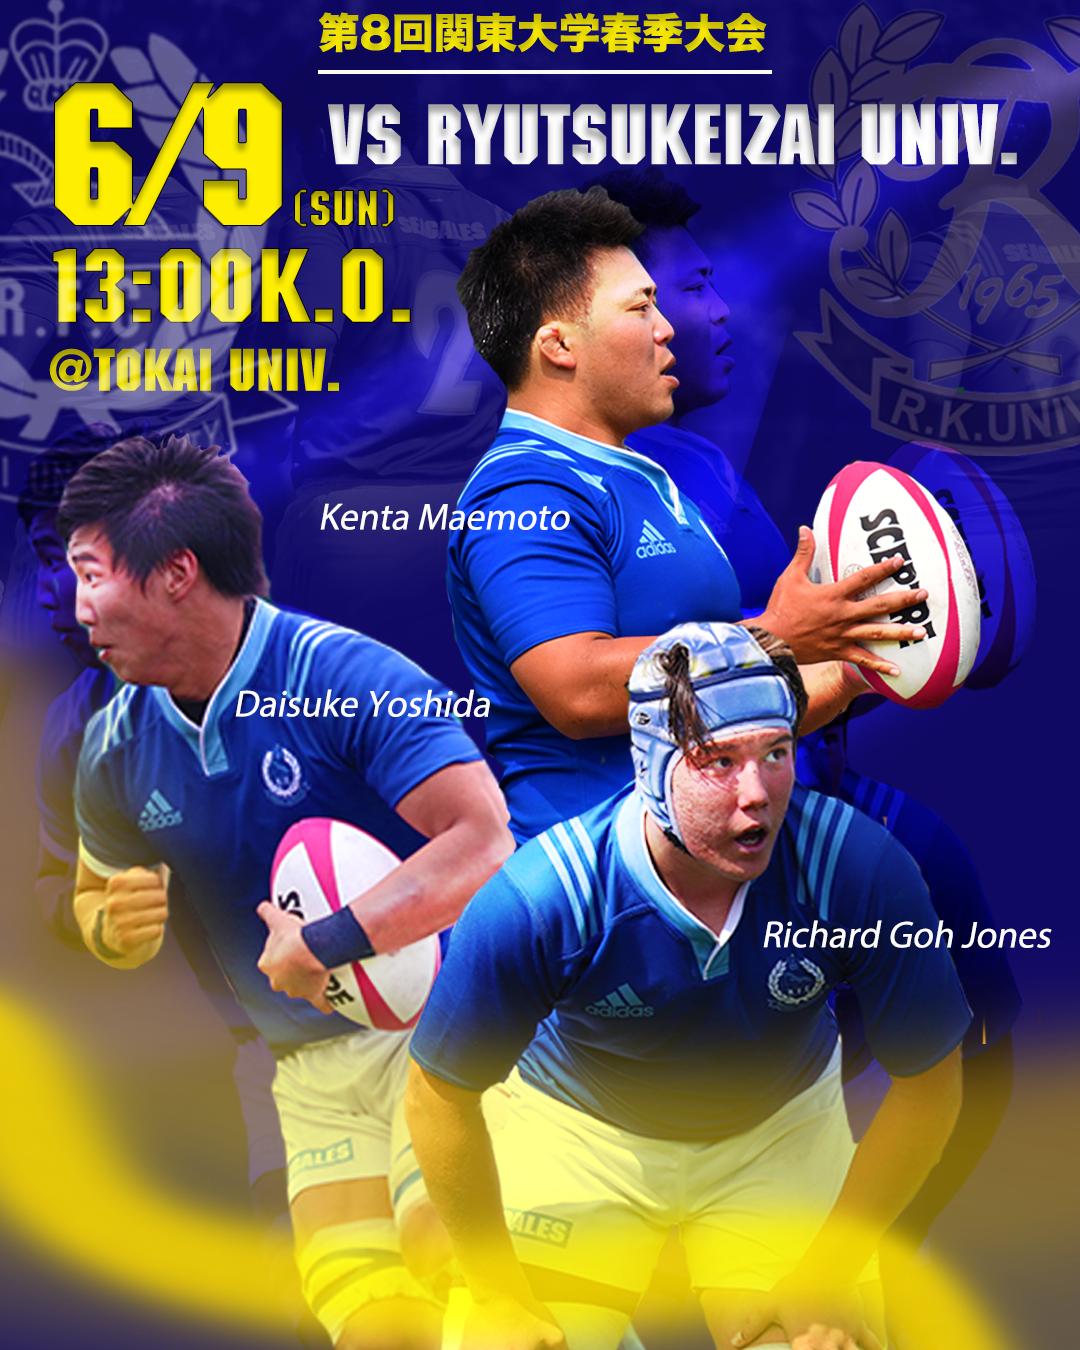 0609 流経 ポスター2.png